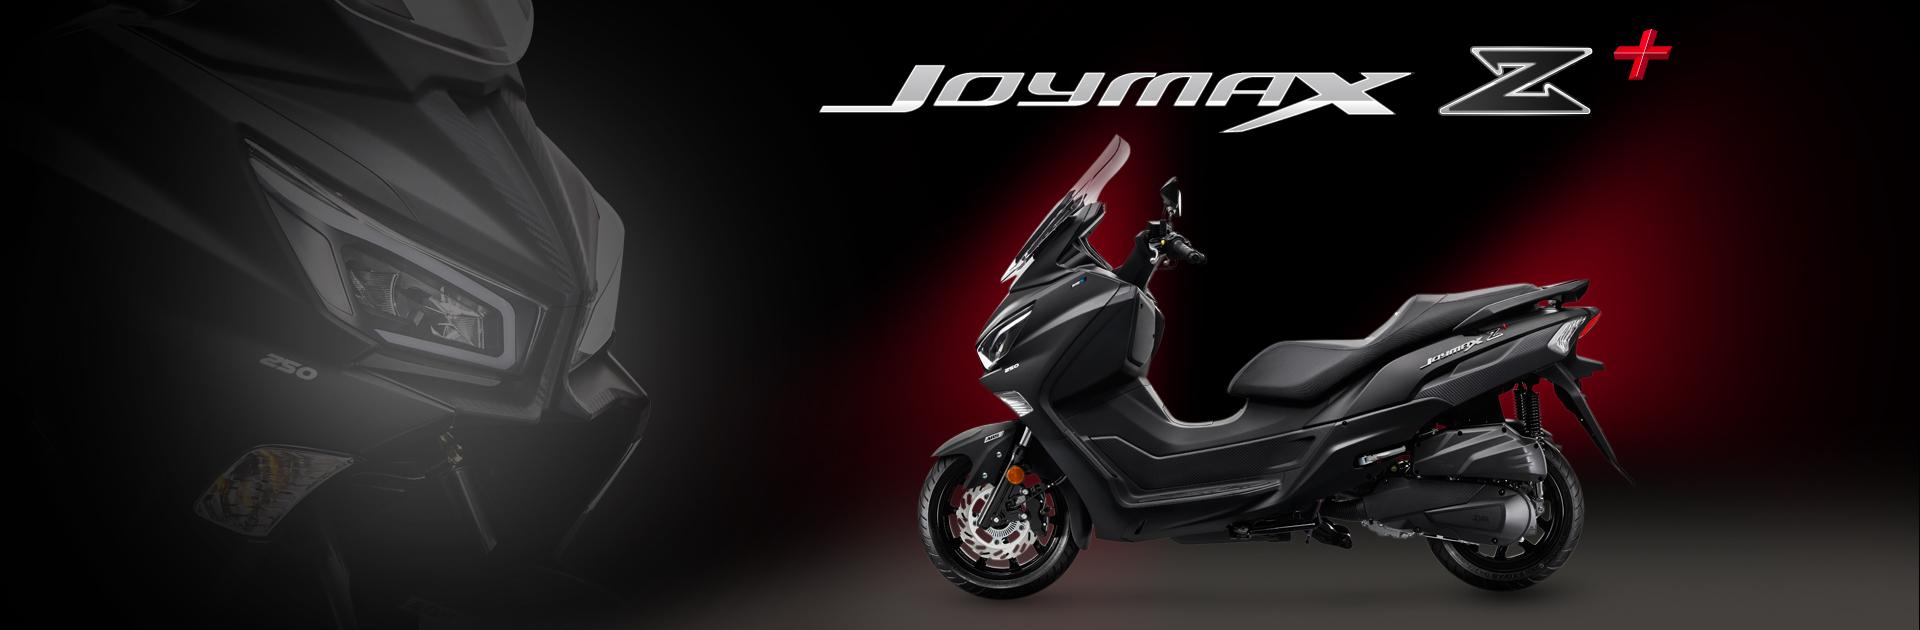 JOYMAX Z+250 NEW – Sym Scooters